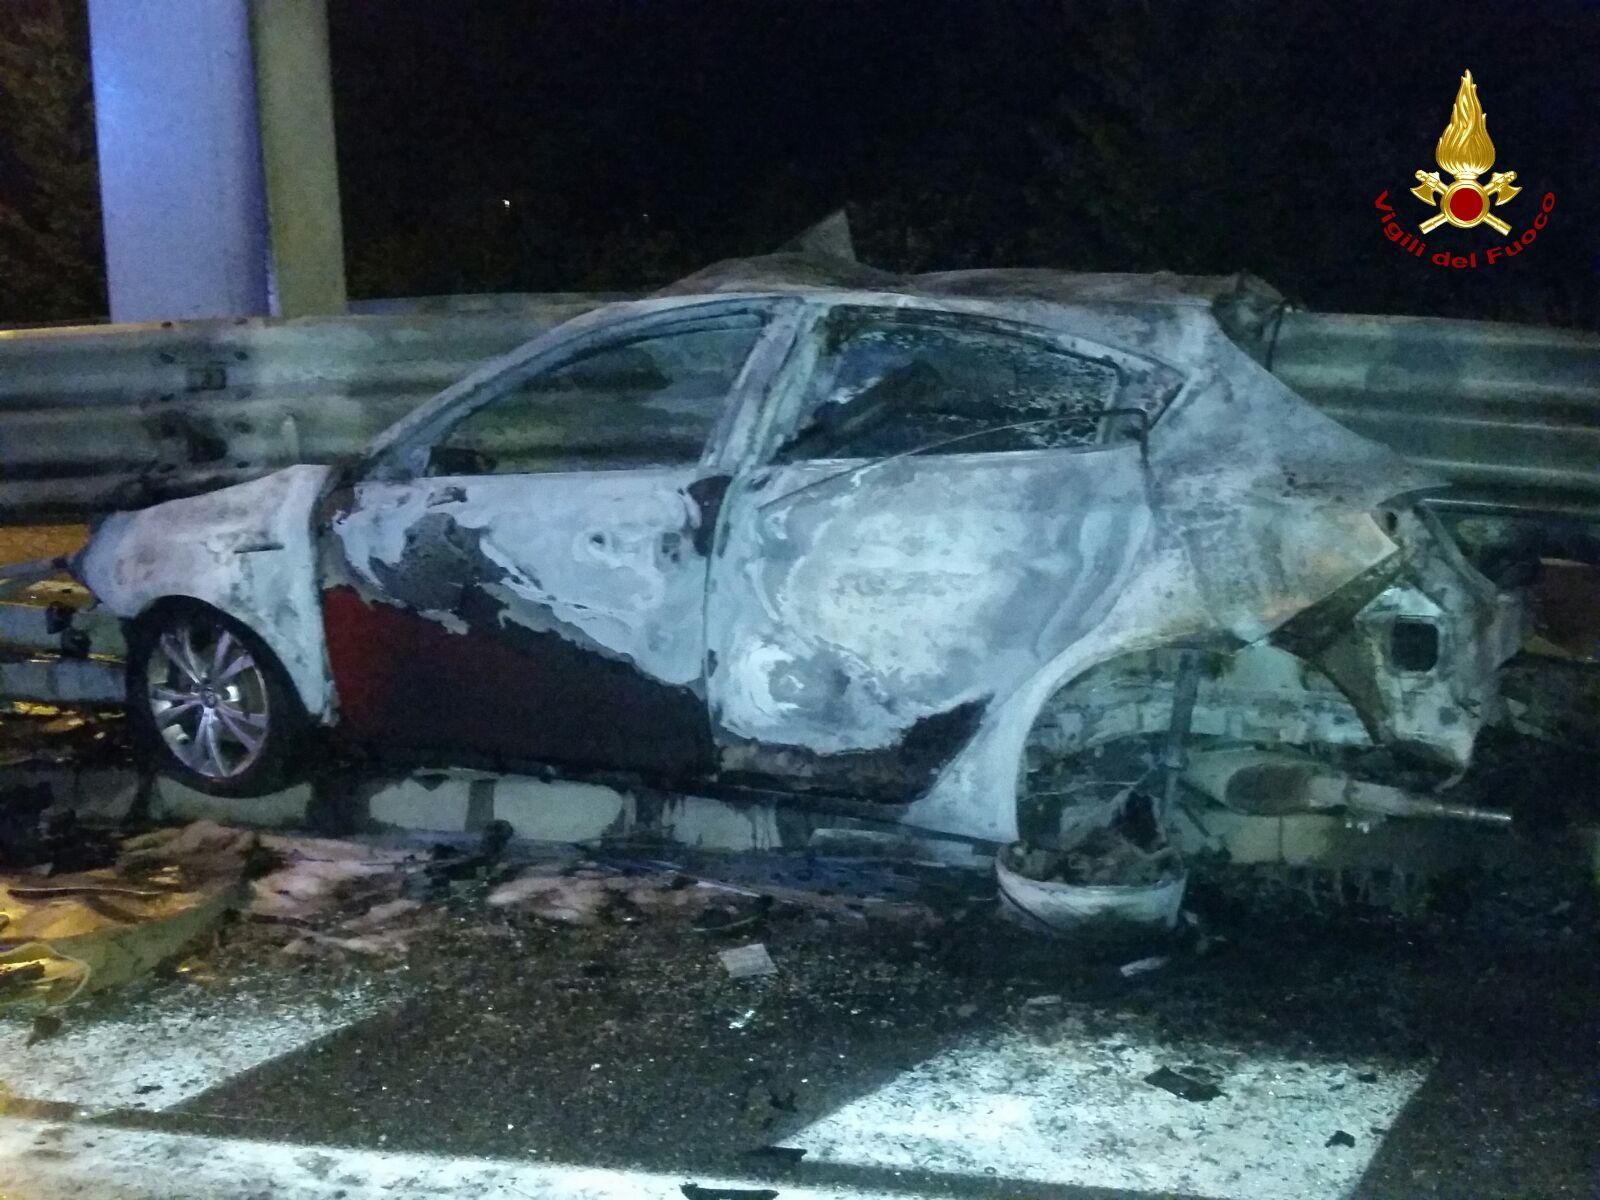 Si schianta contro il guardrail: l'auto prende fuoco, autista decapitato